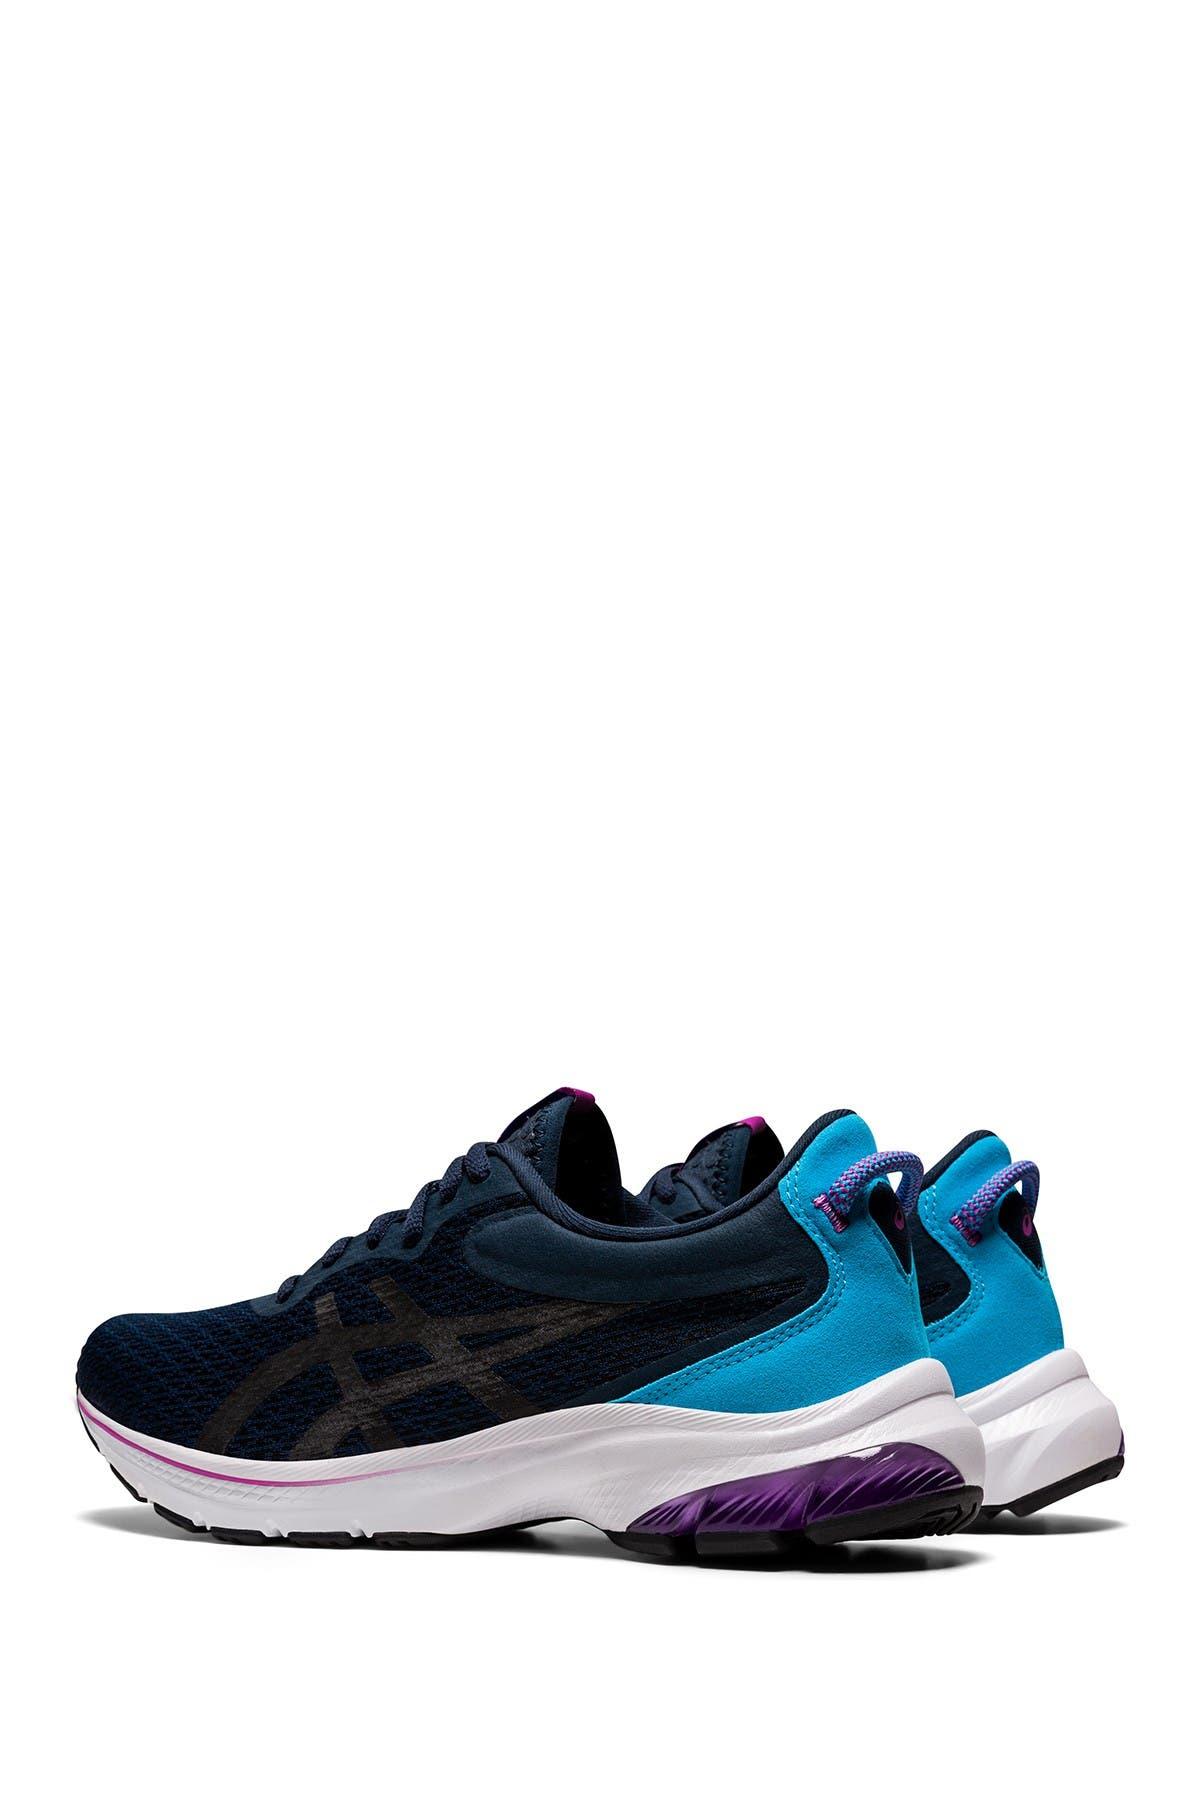 Image of ASICS GEL-Kumo Lyte 2 Sneaker